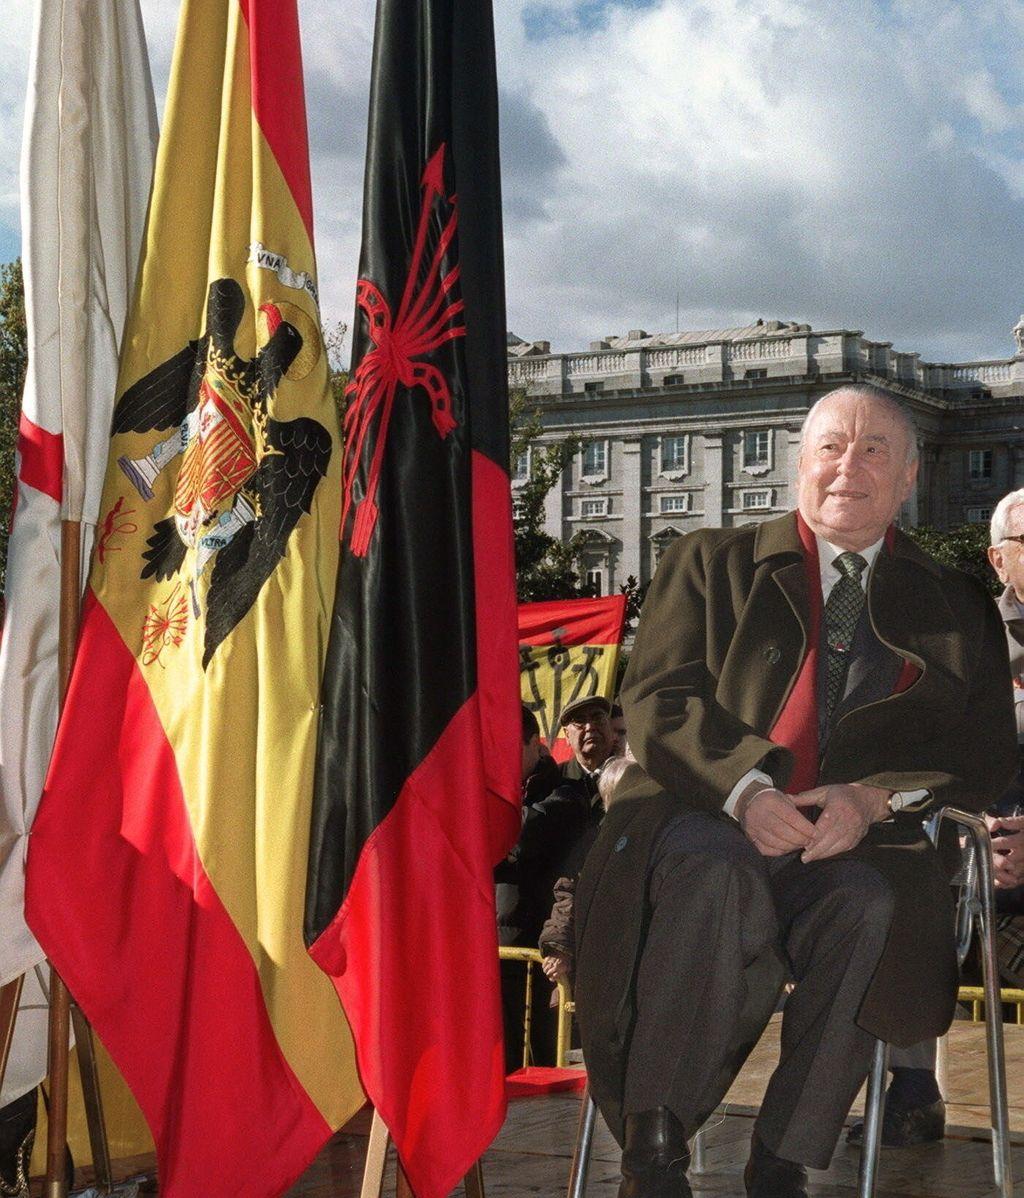 Muere a los 95 años el histórico líder de la ultraderecha Blas Piñar